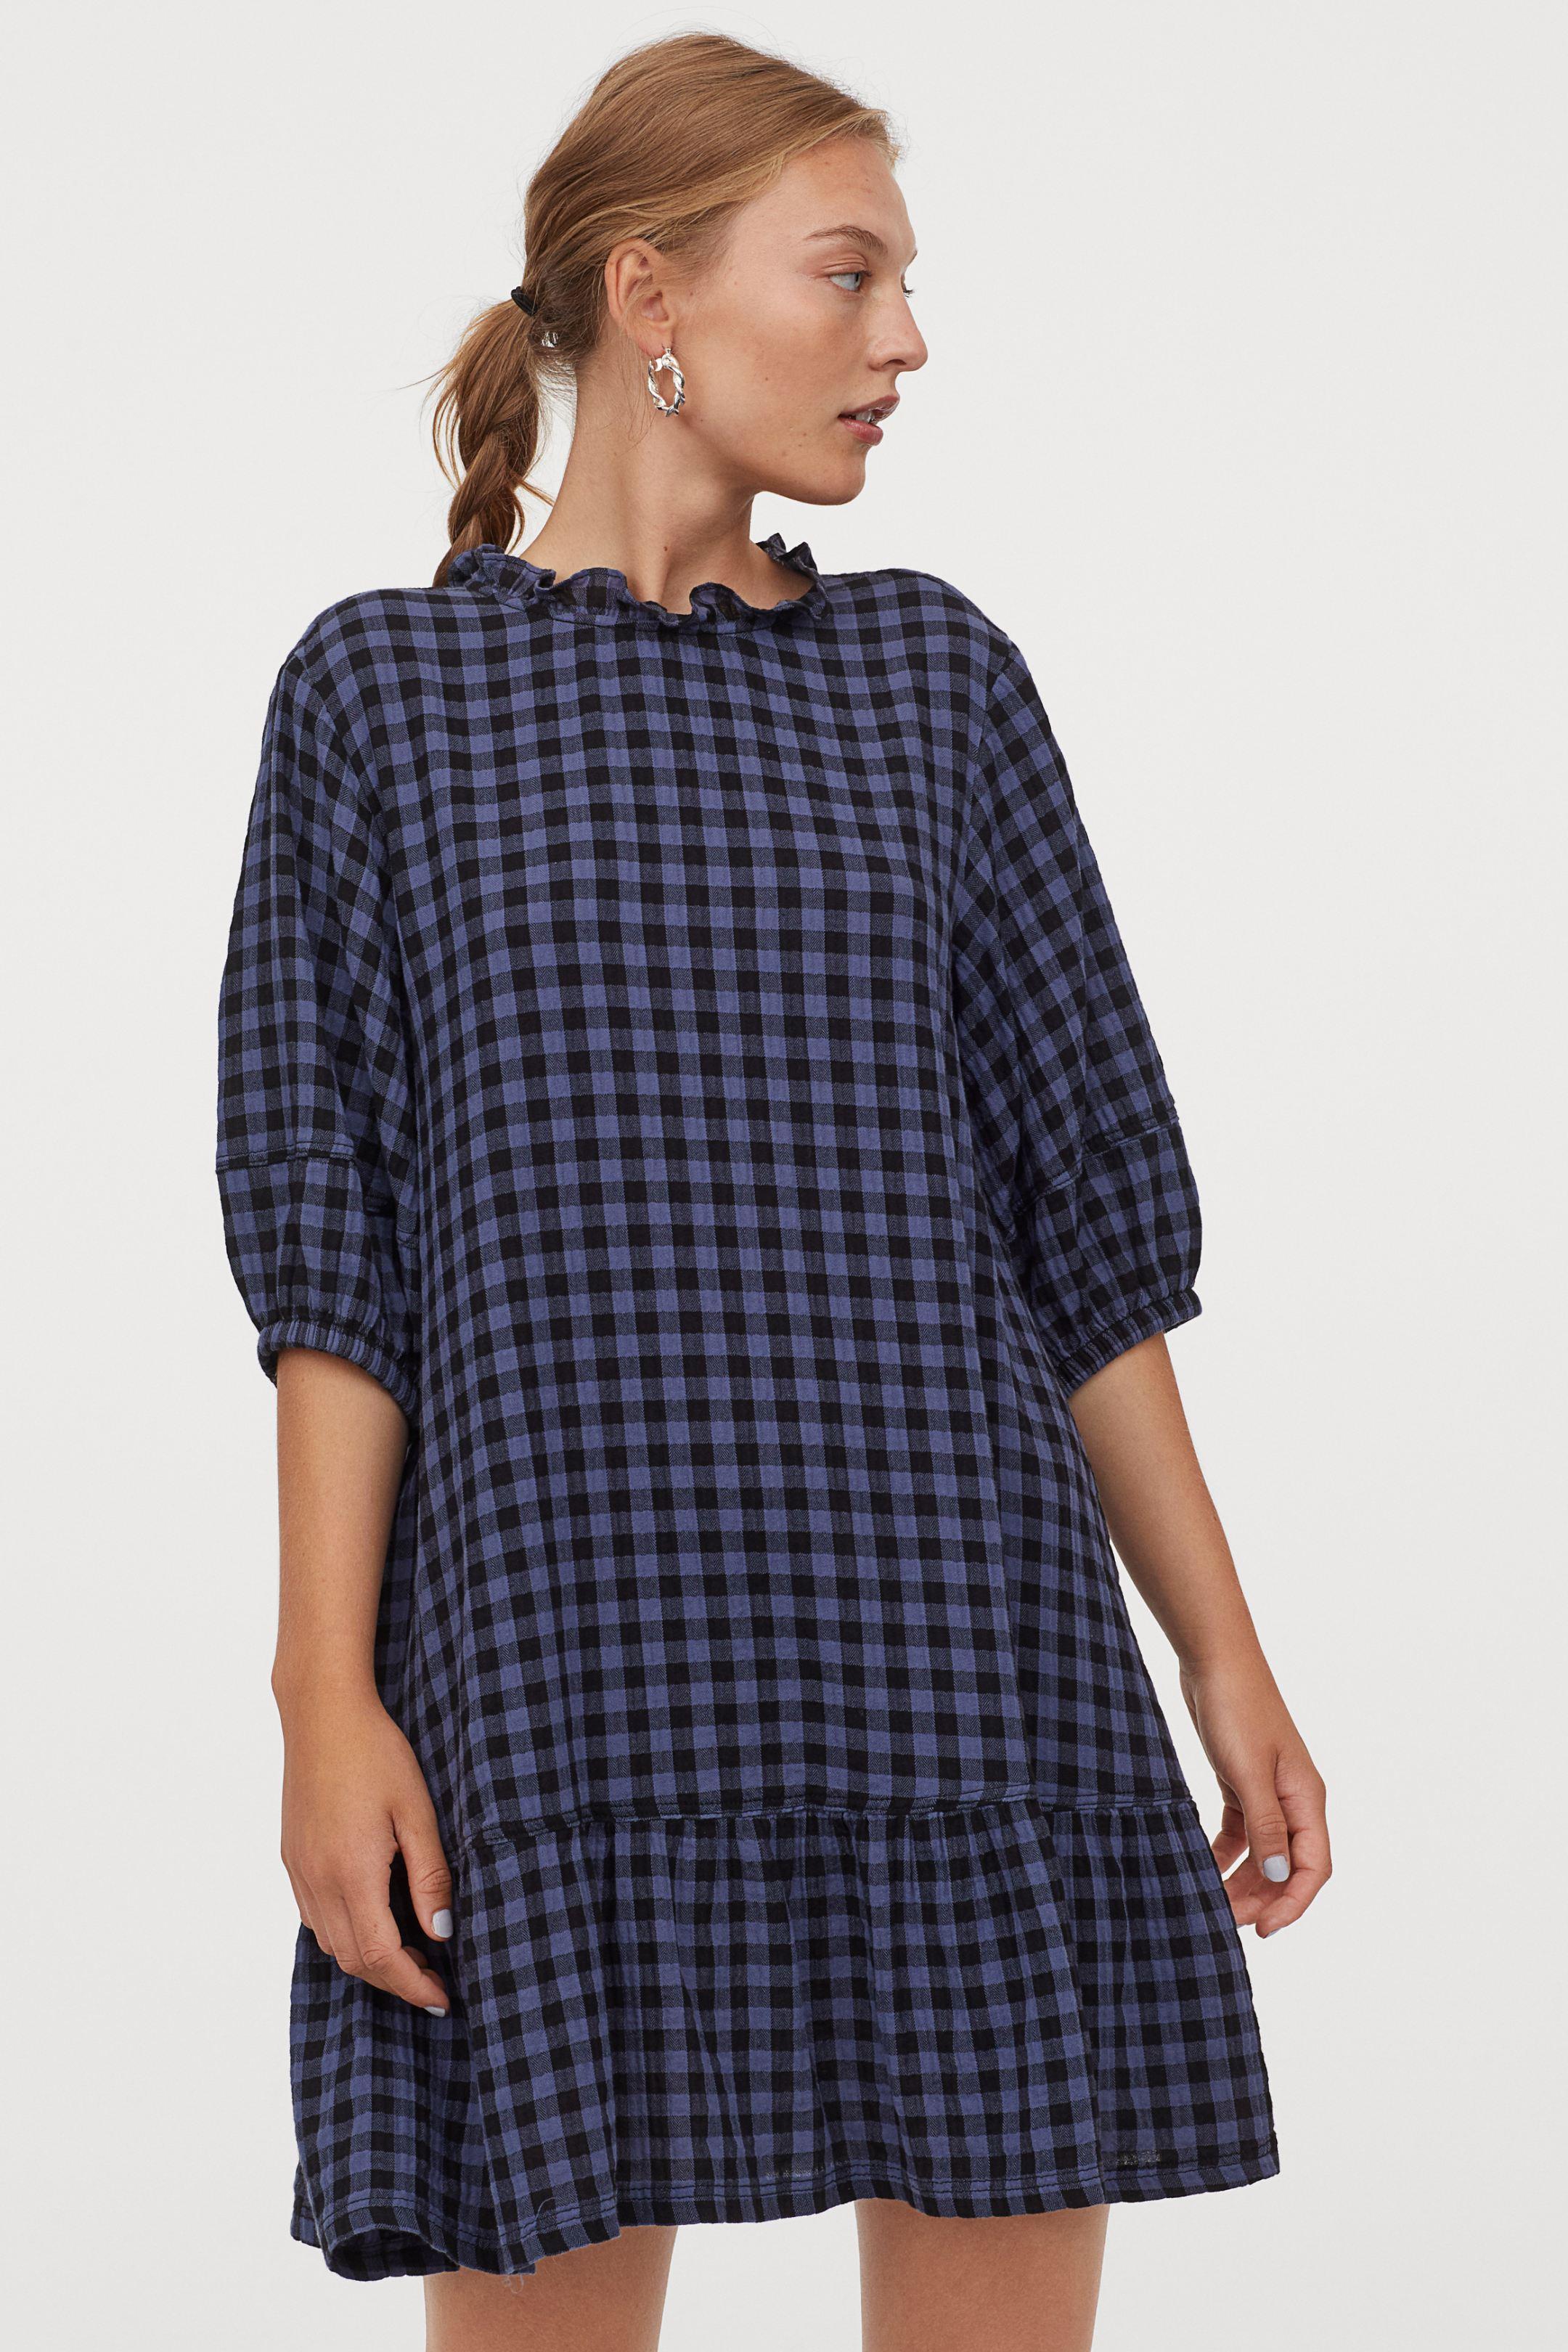 Vestido de algodón de cuadros y detalle de volante en la falda